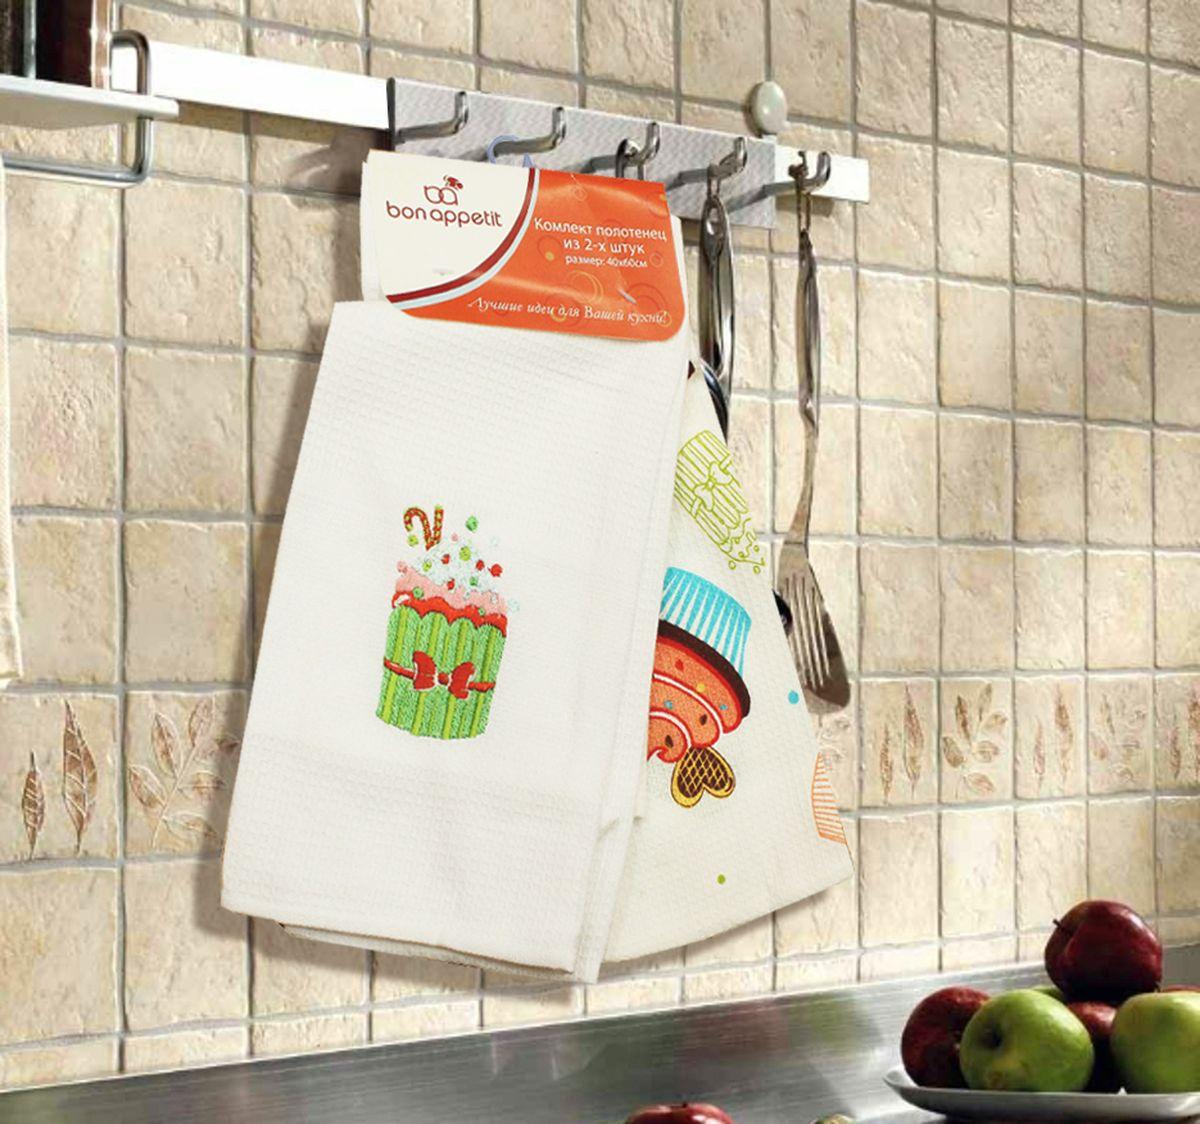 Набор кухонных полотенец Bon Appetit Cake, цвет: зеленый, 2 штVT-1520(SR)Кухонные Полотенца Bon Appetit - В помощь хозяйке на кухне!!! Кухонные Полотенца Bon Appetit идеально дополнят интерьер вашей кухни и создадут атмосферу уюта и комфорта. Полотенца выполнены из натурального 100% Хлопка, поэтому являются экологически чистыми. Качество материала гарантирует безопасность не только взрослых, но и самых маленьких членов семьи.Bon Appetit – Интерьер и Практичность Современной Кухни!